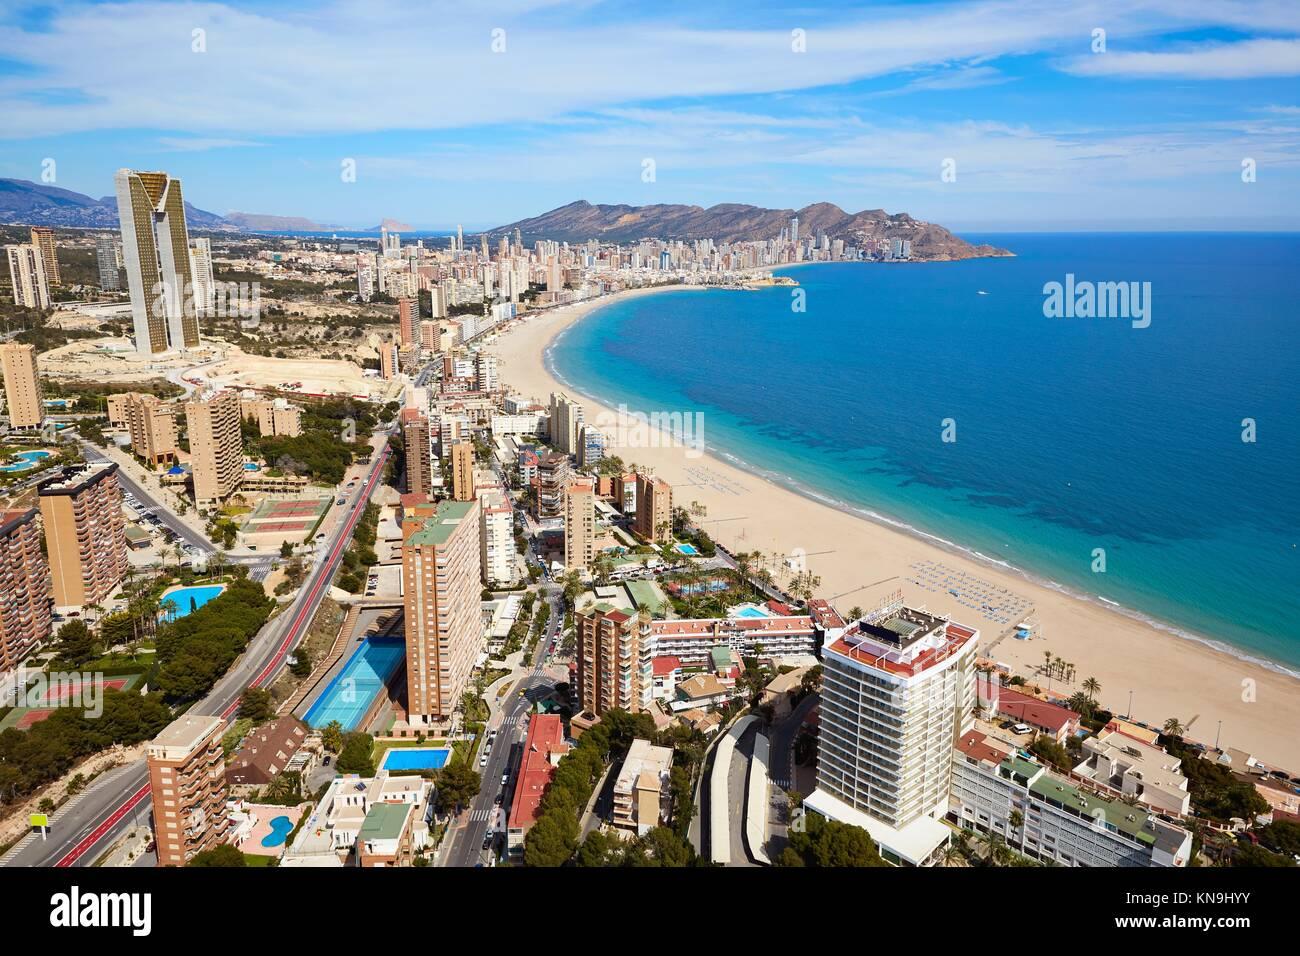 Benidorm beach aerial stock photos benidorm beach aerial stock images alamy - Stock uno alicante ...